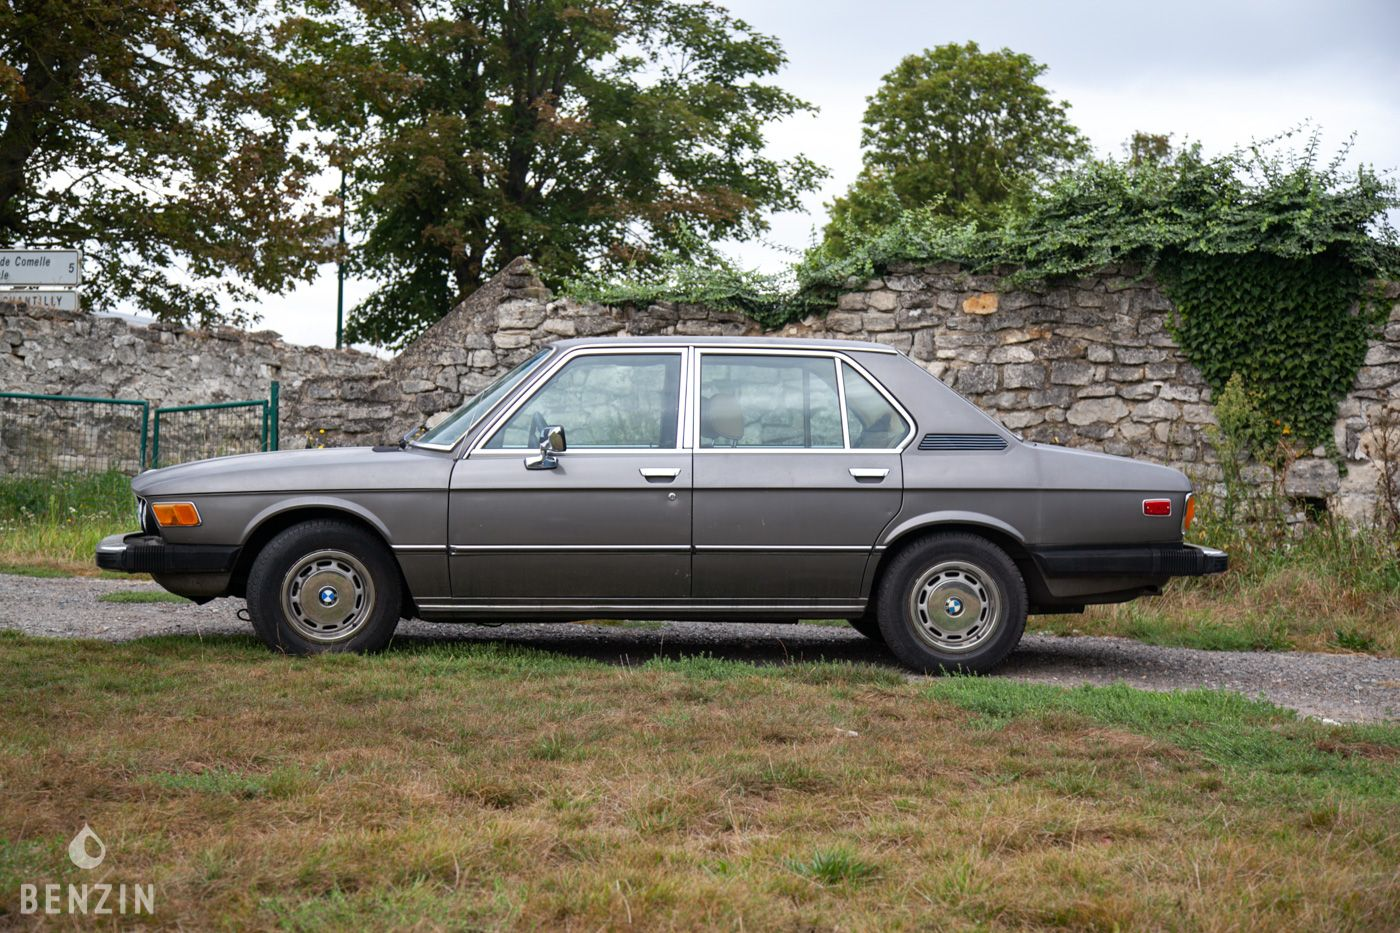 BMW 530i e12 US OCCASION A VENDRE EN VENTA IN VENDITA ZU VERKAUFEN TE KOOP - 1977